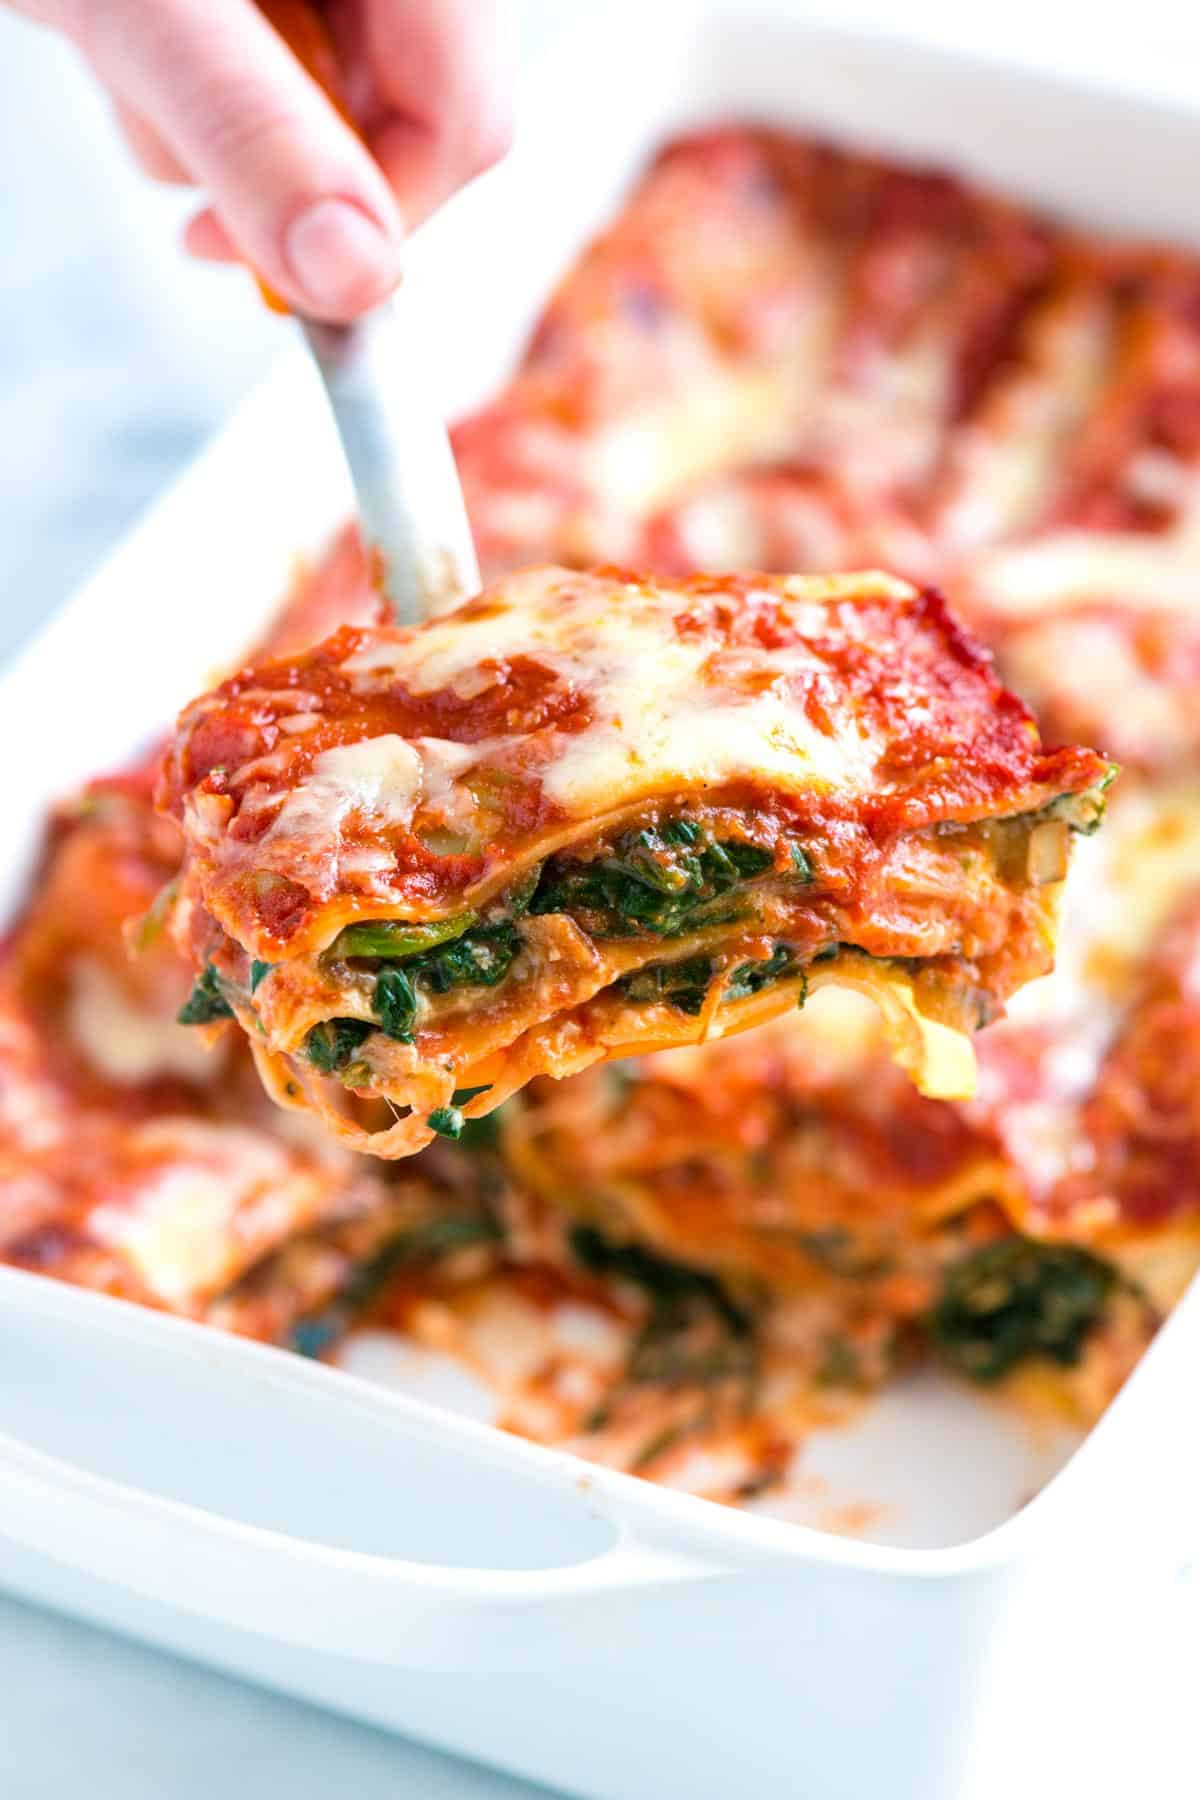 Healthy Lasagna Recipes  Healthier Spinach Lasagna Recipe with Mushrooms